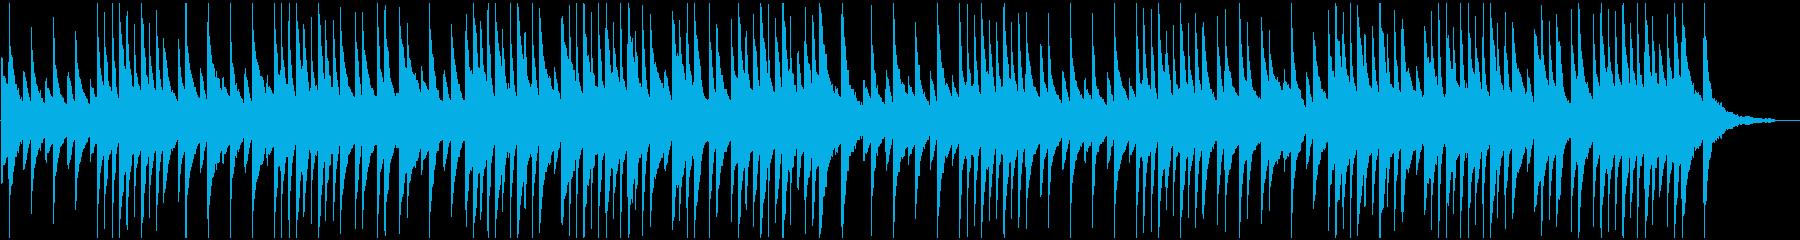 ★サティ★ジムノペディ第1番★ピアノ★Eの再生済みの波形